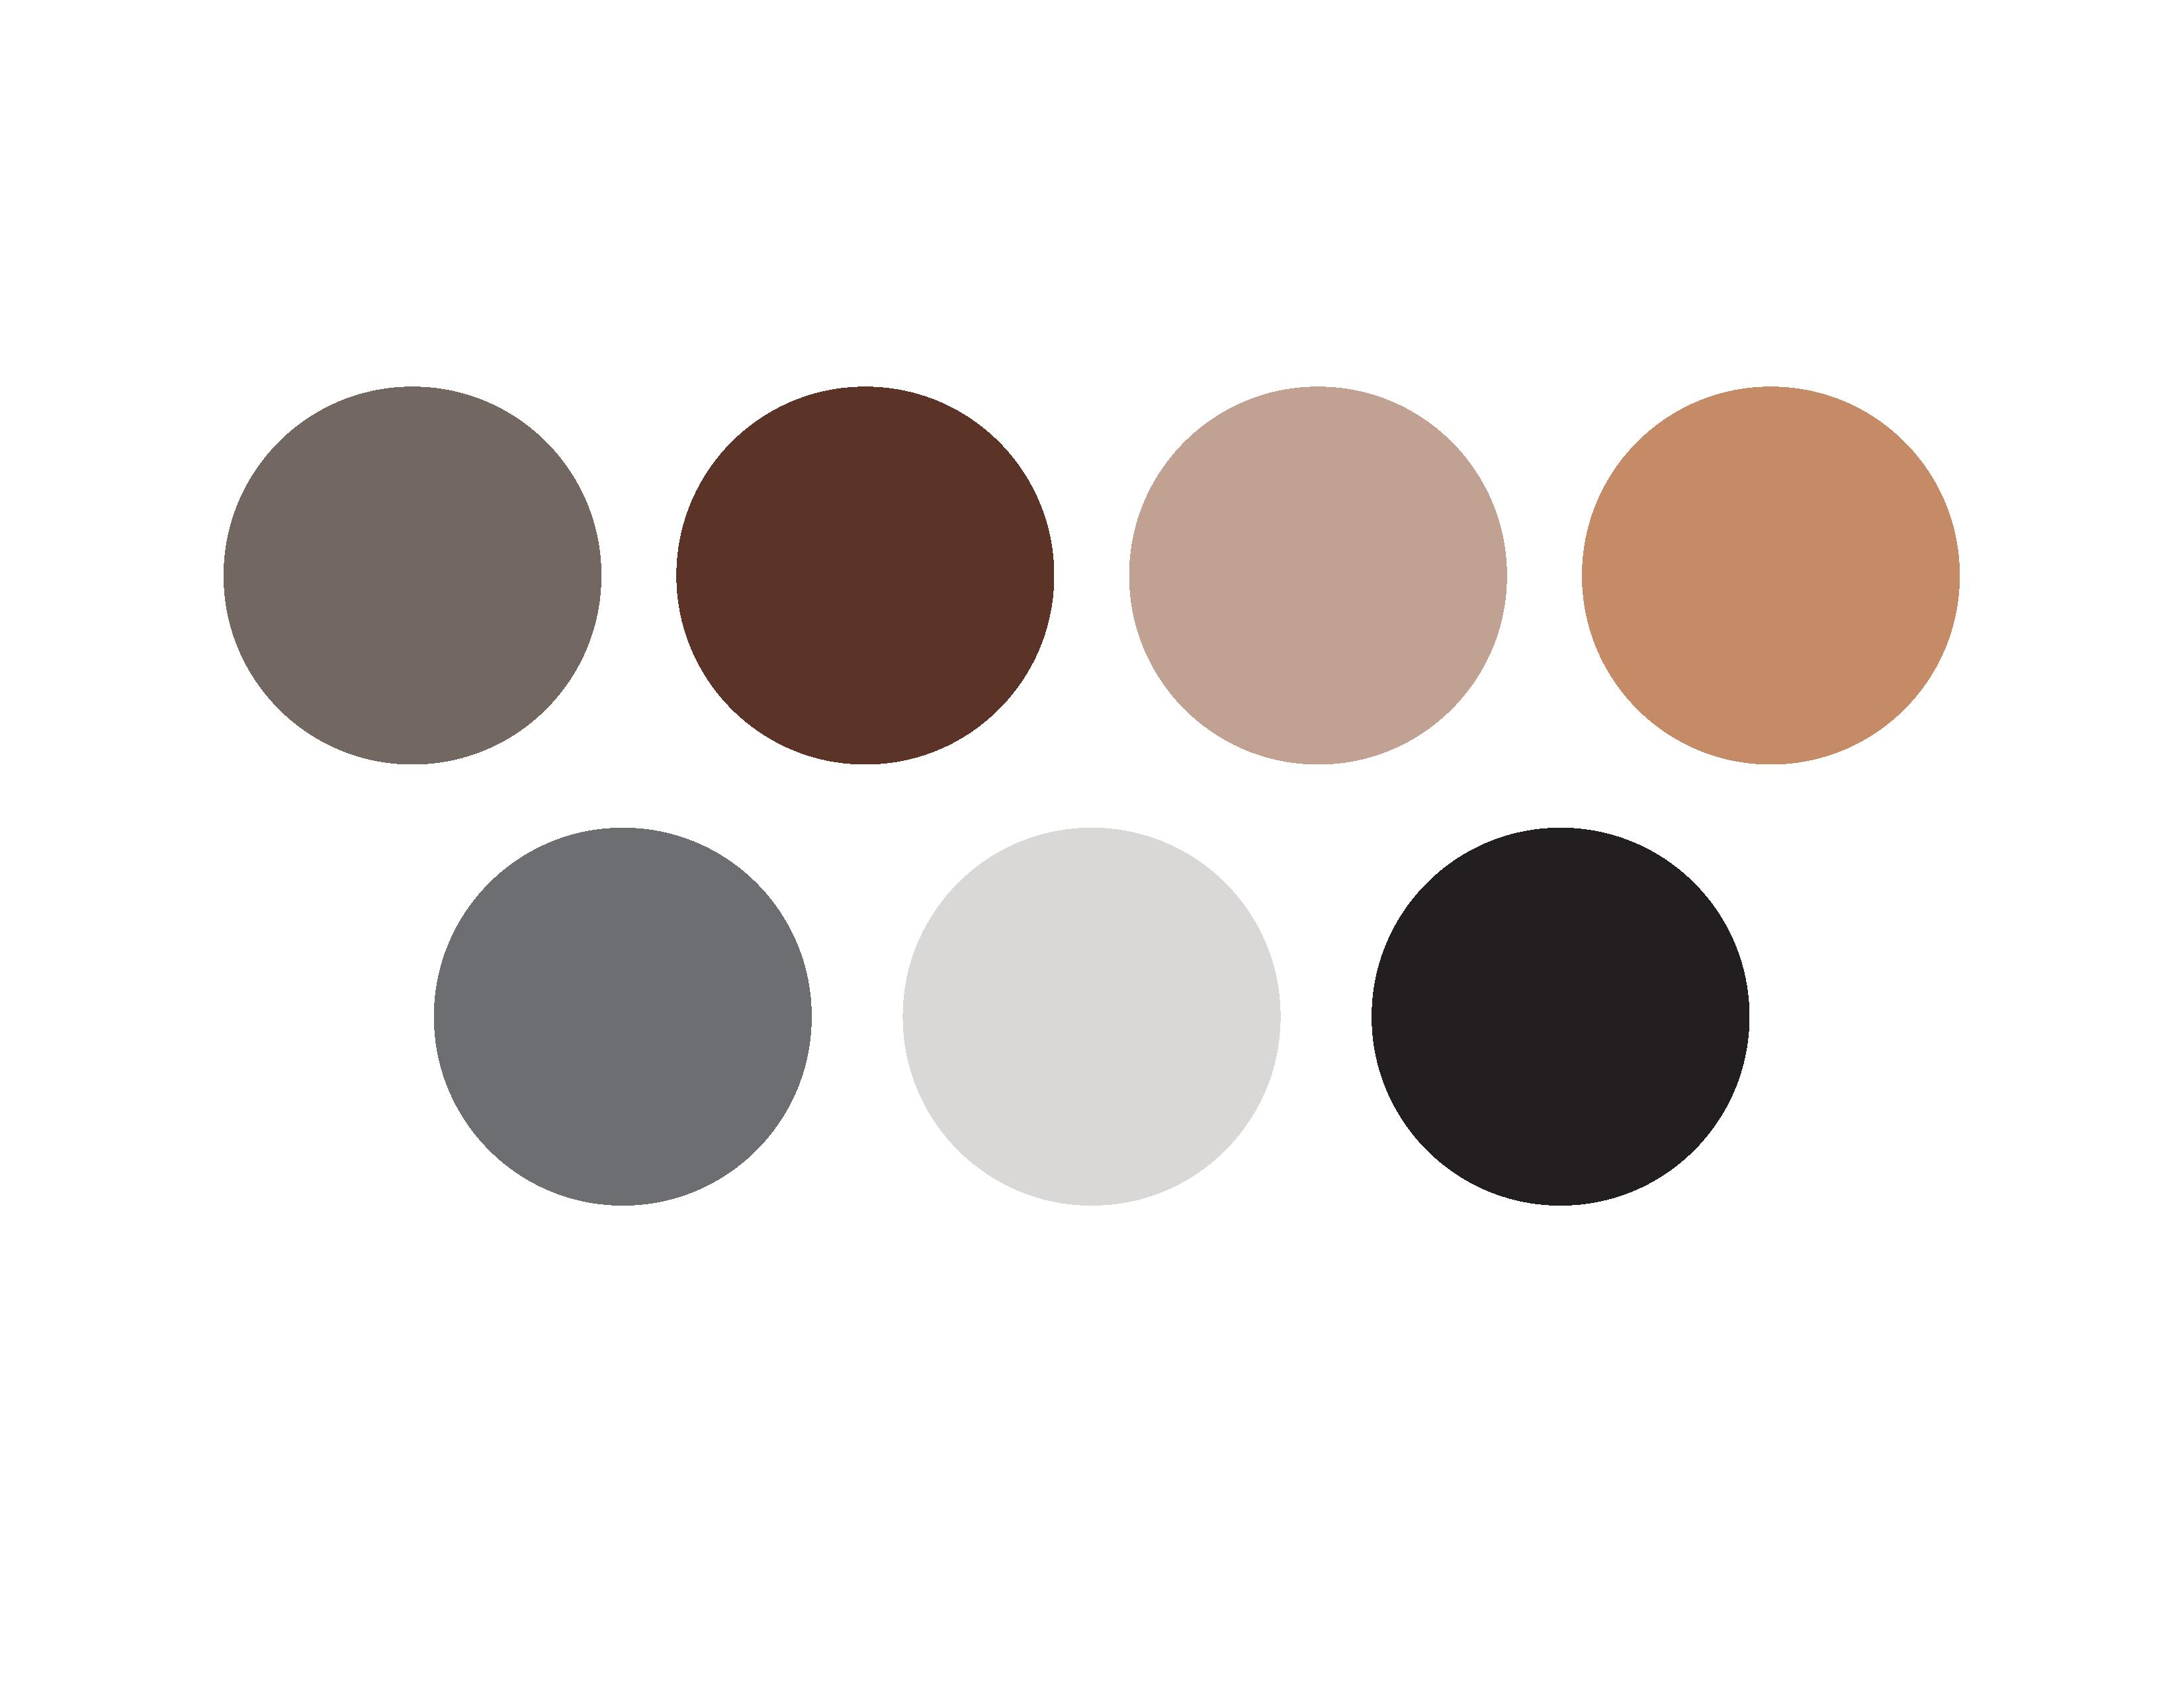 4545_LogoConcept_V2_D-ColorPalette